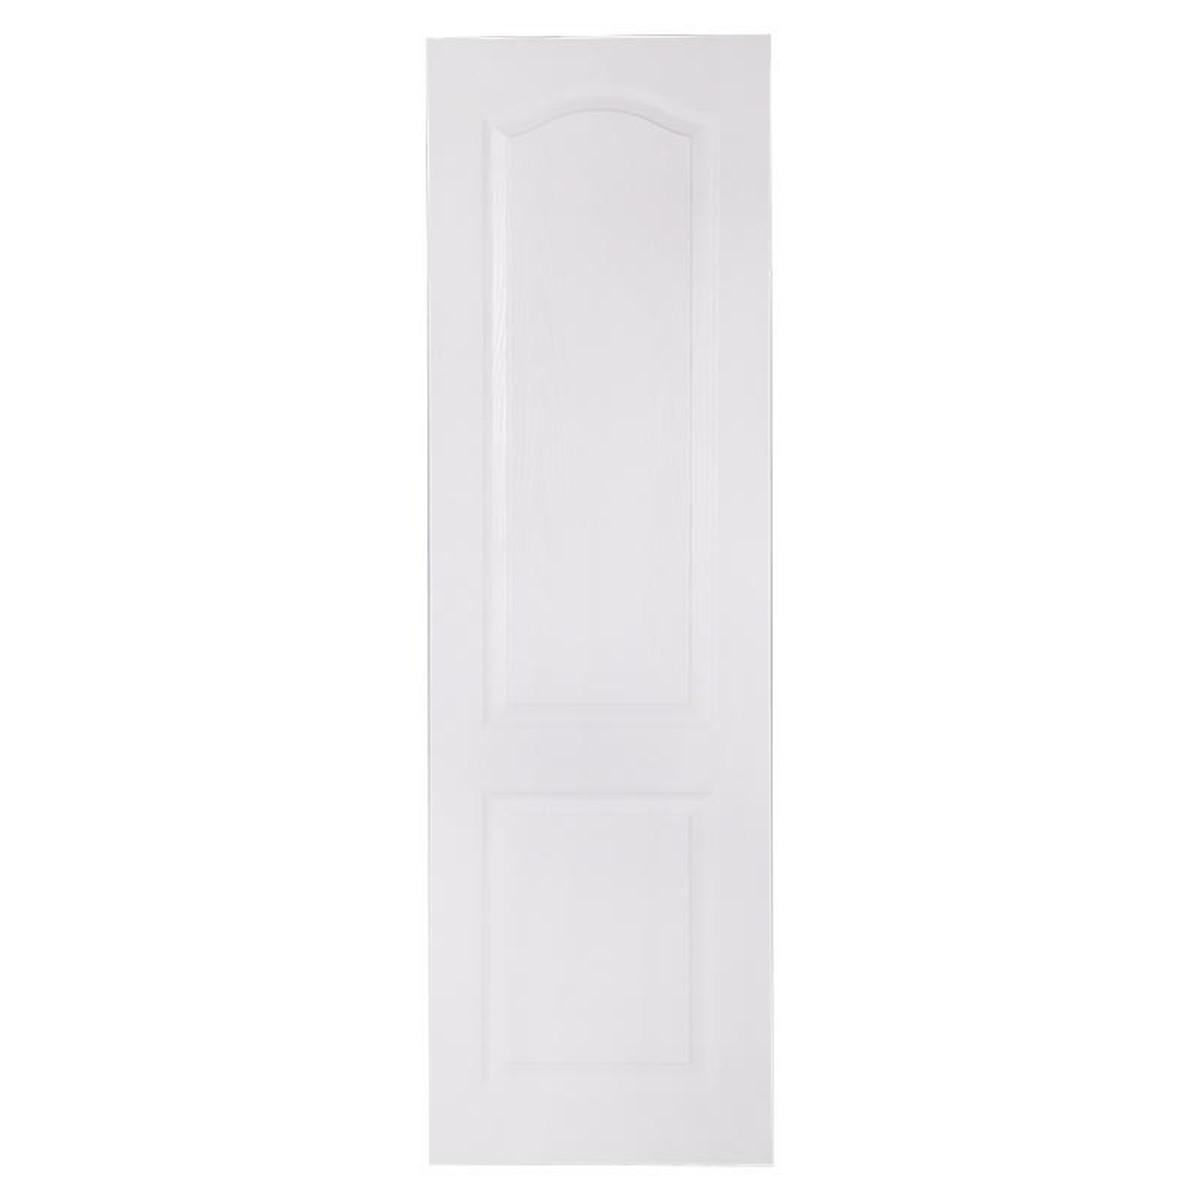 Дверь межкомнатная глухая Палитра 80x200 см ламинация цвет белый